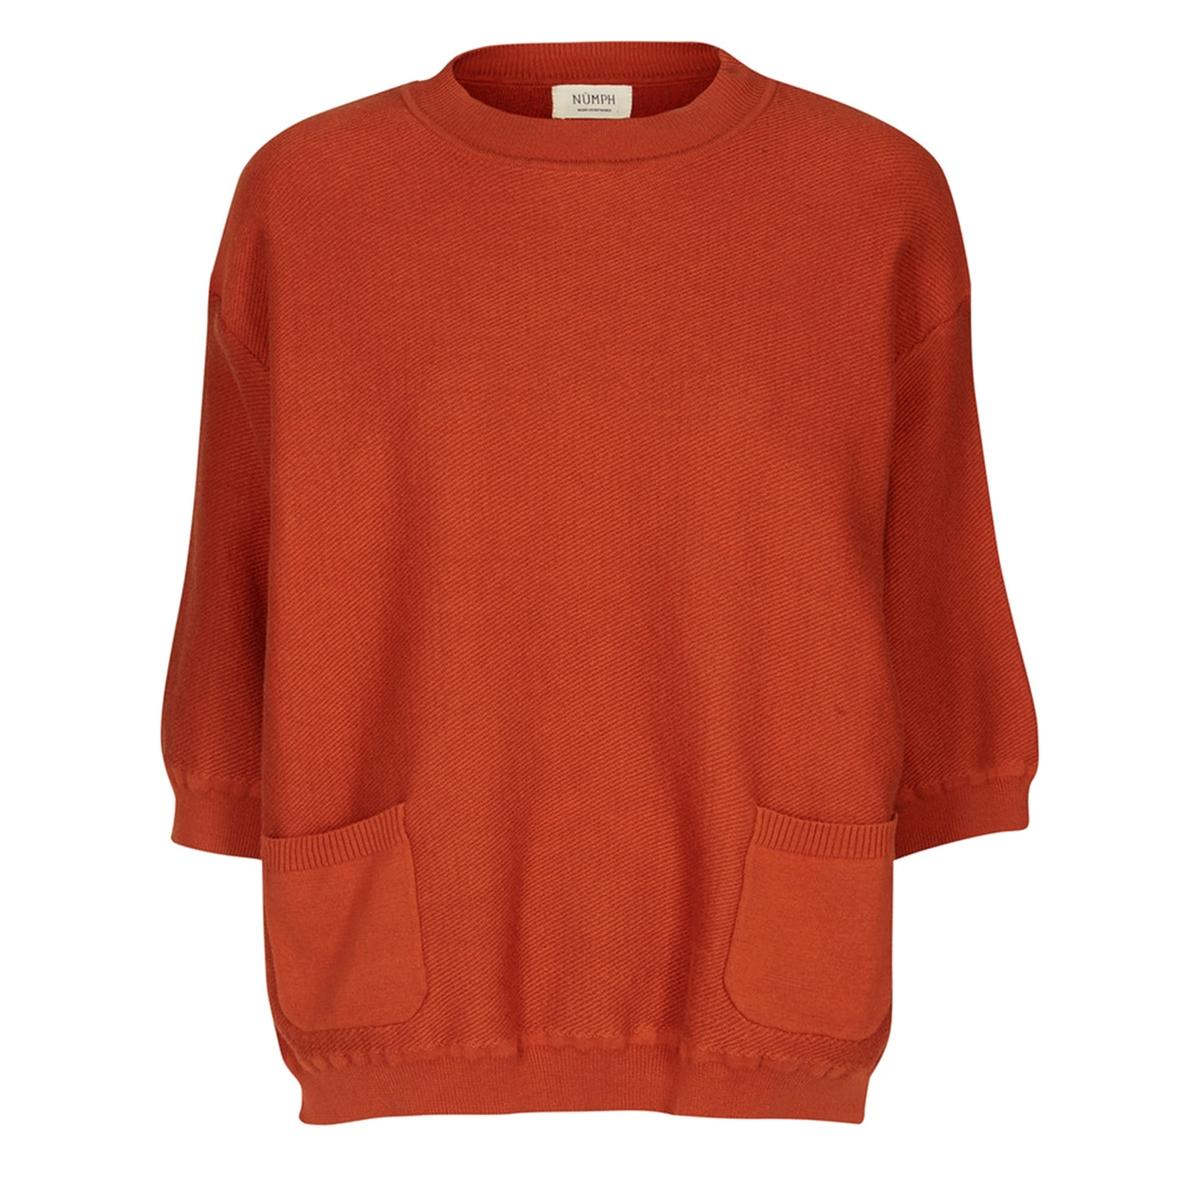 Пуловер с рукавами 3/4Пуловер CIMARRON. Рукава 3/4. Круглый вырез. 2 кармана спереди.           Характеристики и описание     Материал         90% хлопка, 10% полиамида     Марка         NUMPH<br><br>Цвет: кирпичный<br>Размер: L